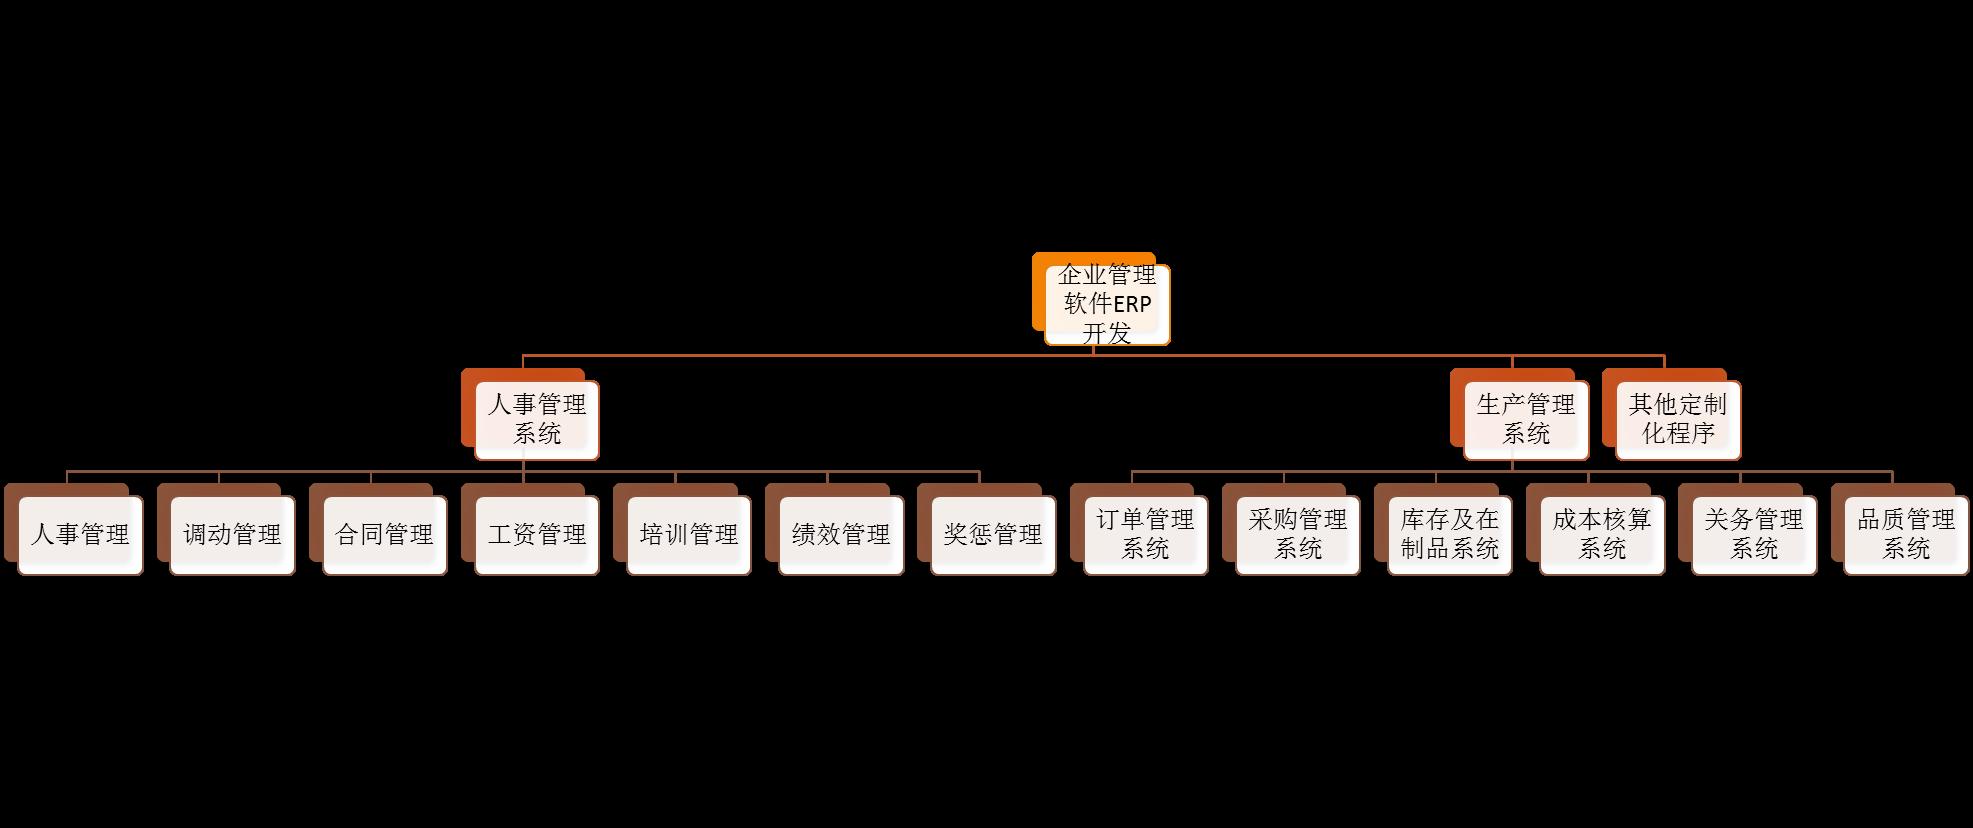 东莞软件开发工程师_管理咨询工程师-东莞通策管理咨询有限公司